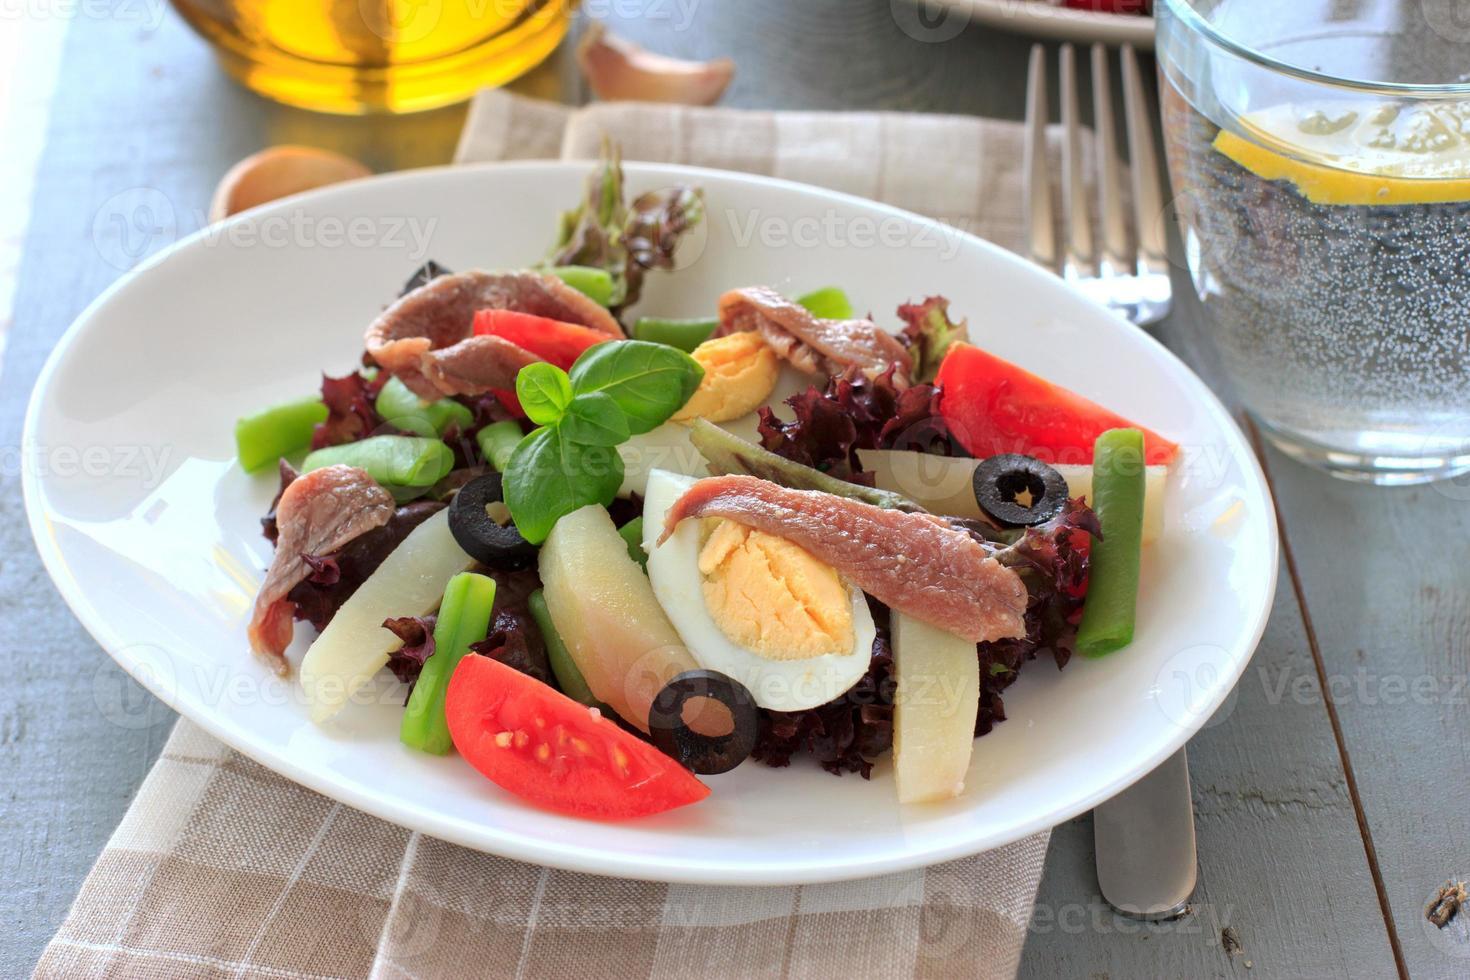 medelhavssallad med ansjovis och oliver foto